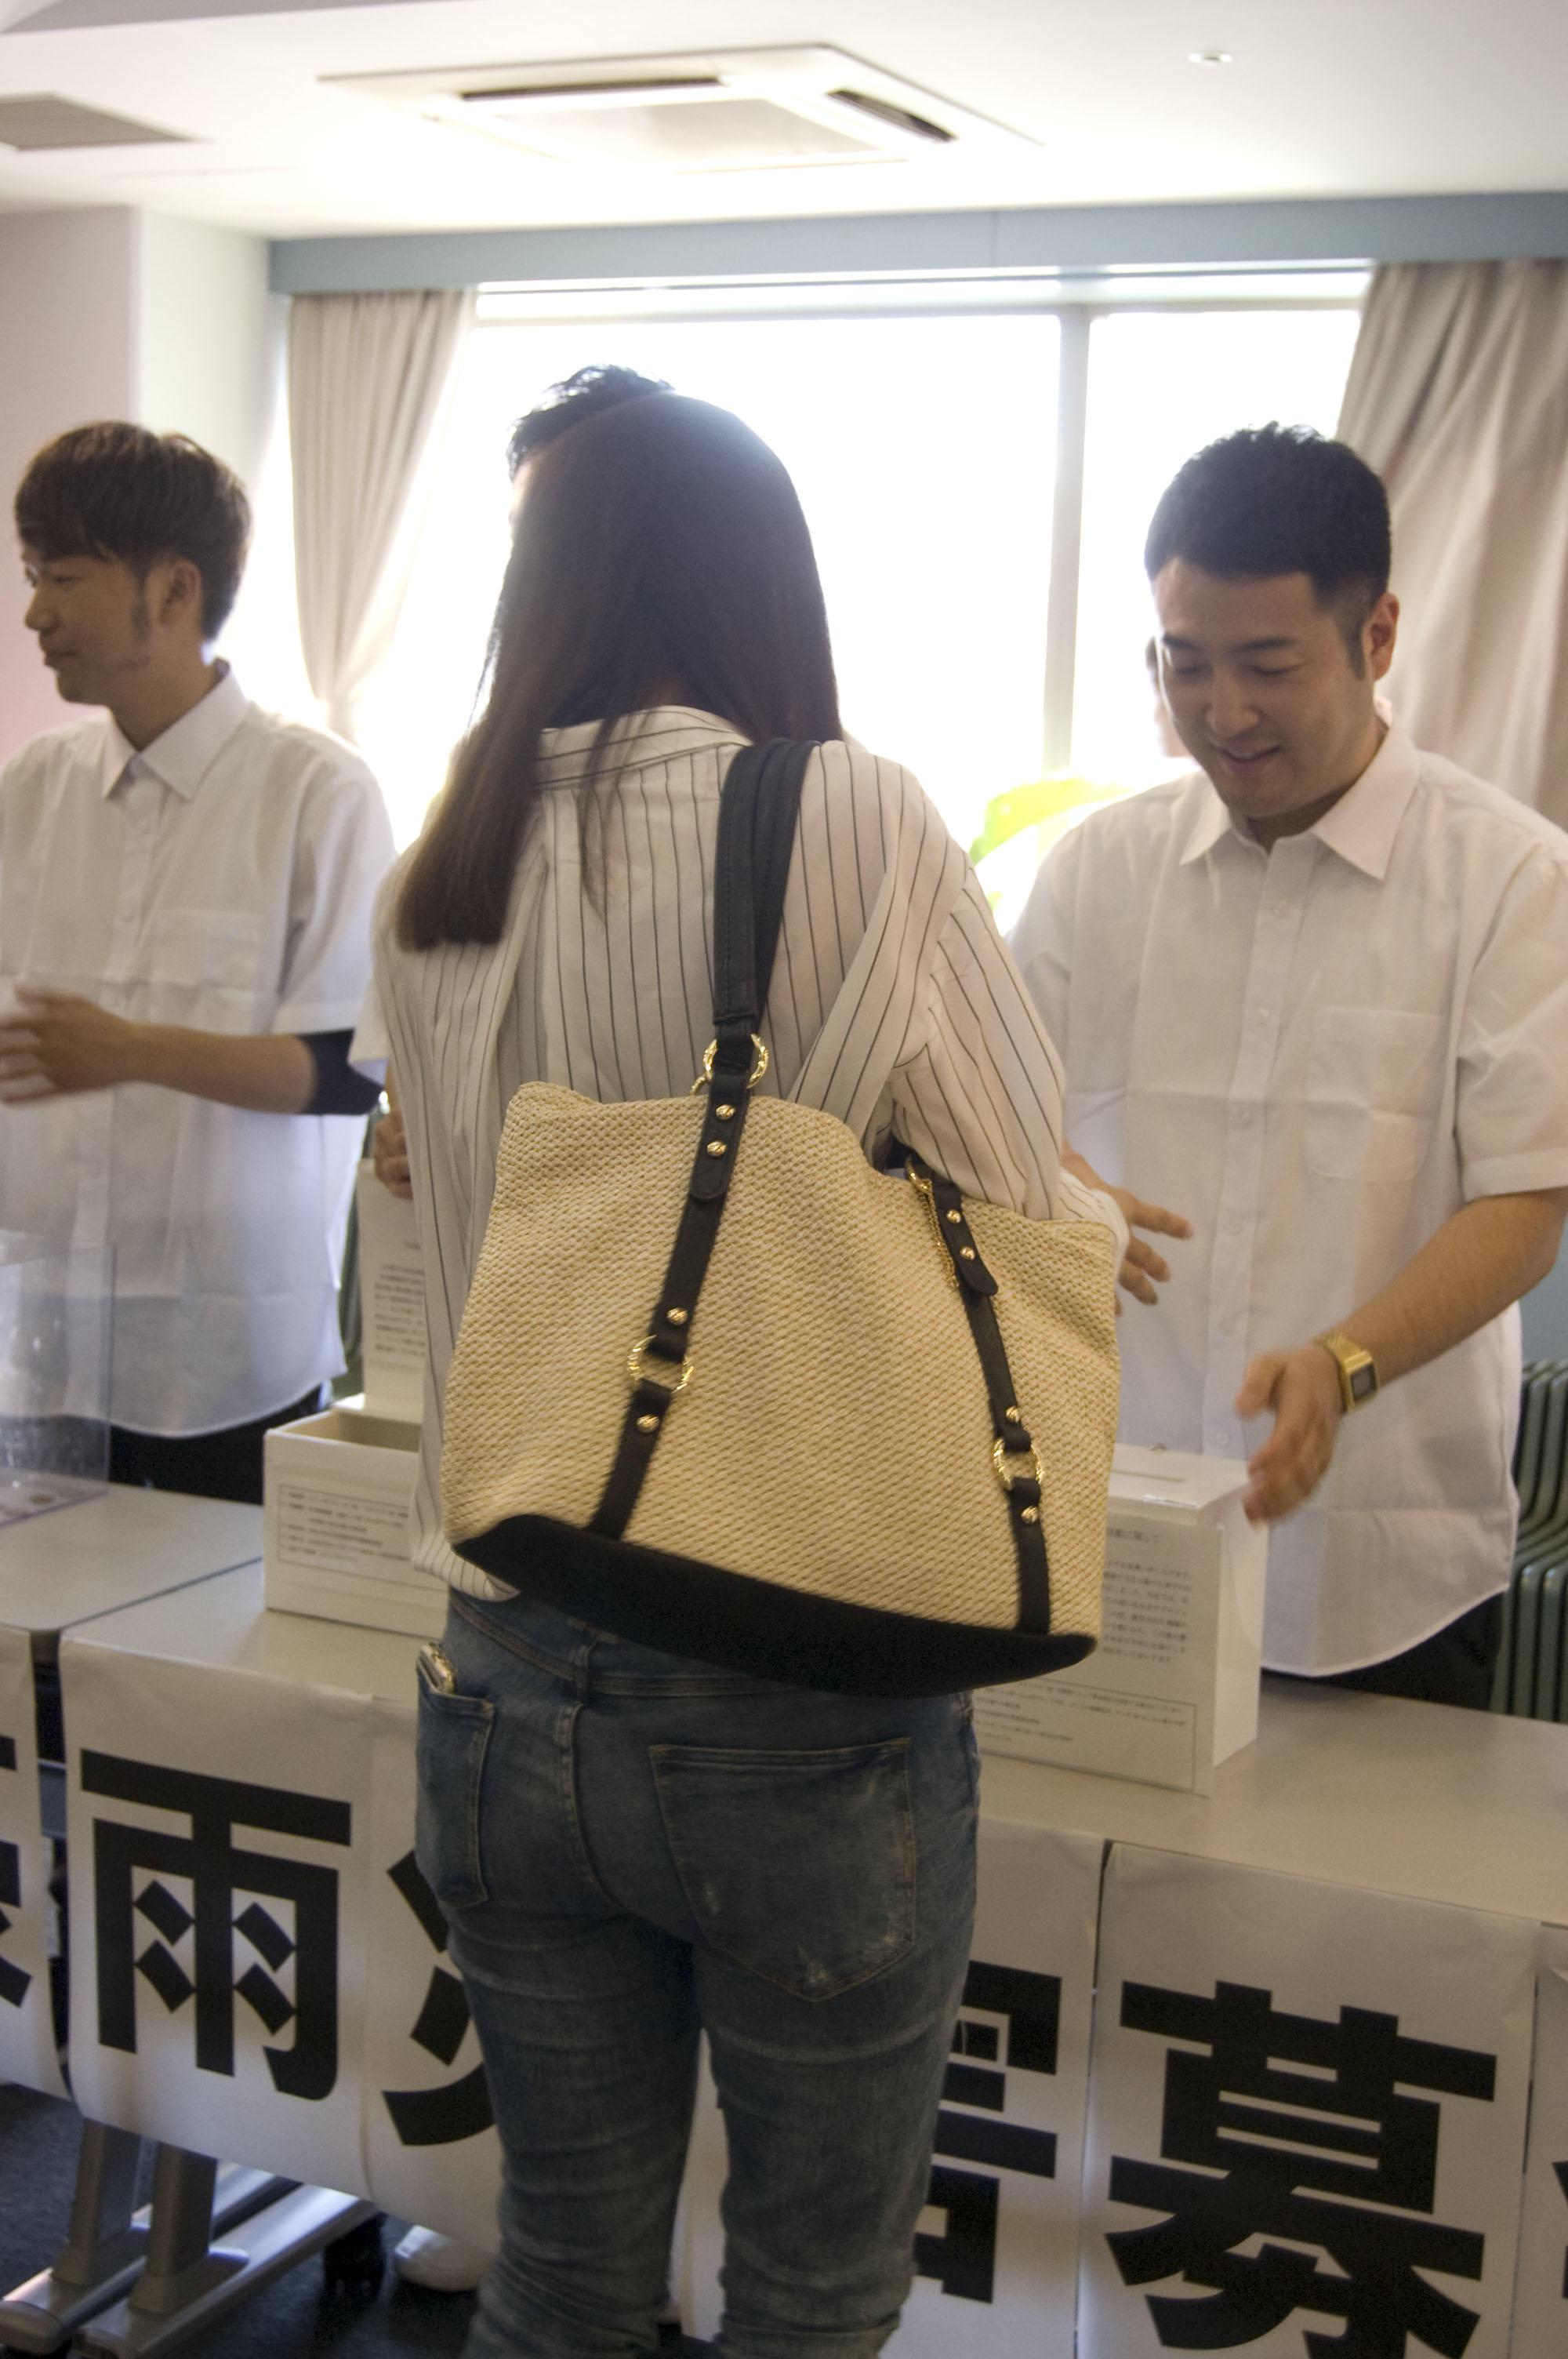 http://news.yoshimoto.co.jp/20170718133025-c9e61fbaf3d9f337af1d80c4c75af10921b85db3.jpg